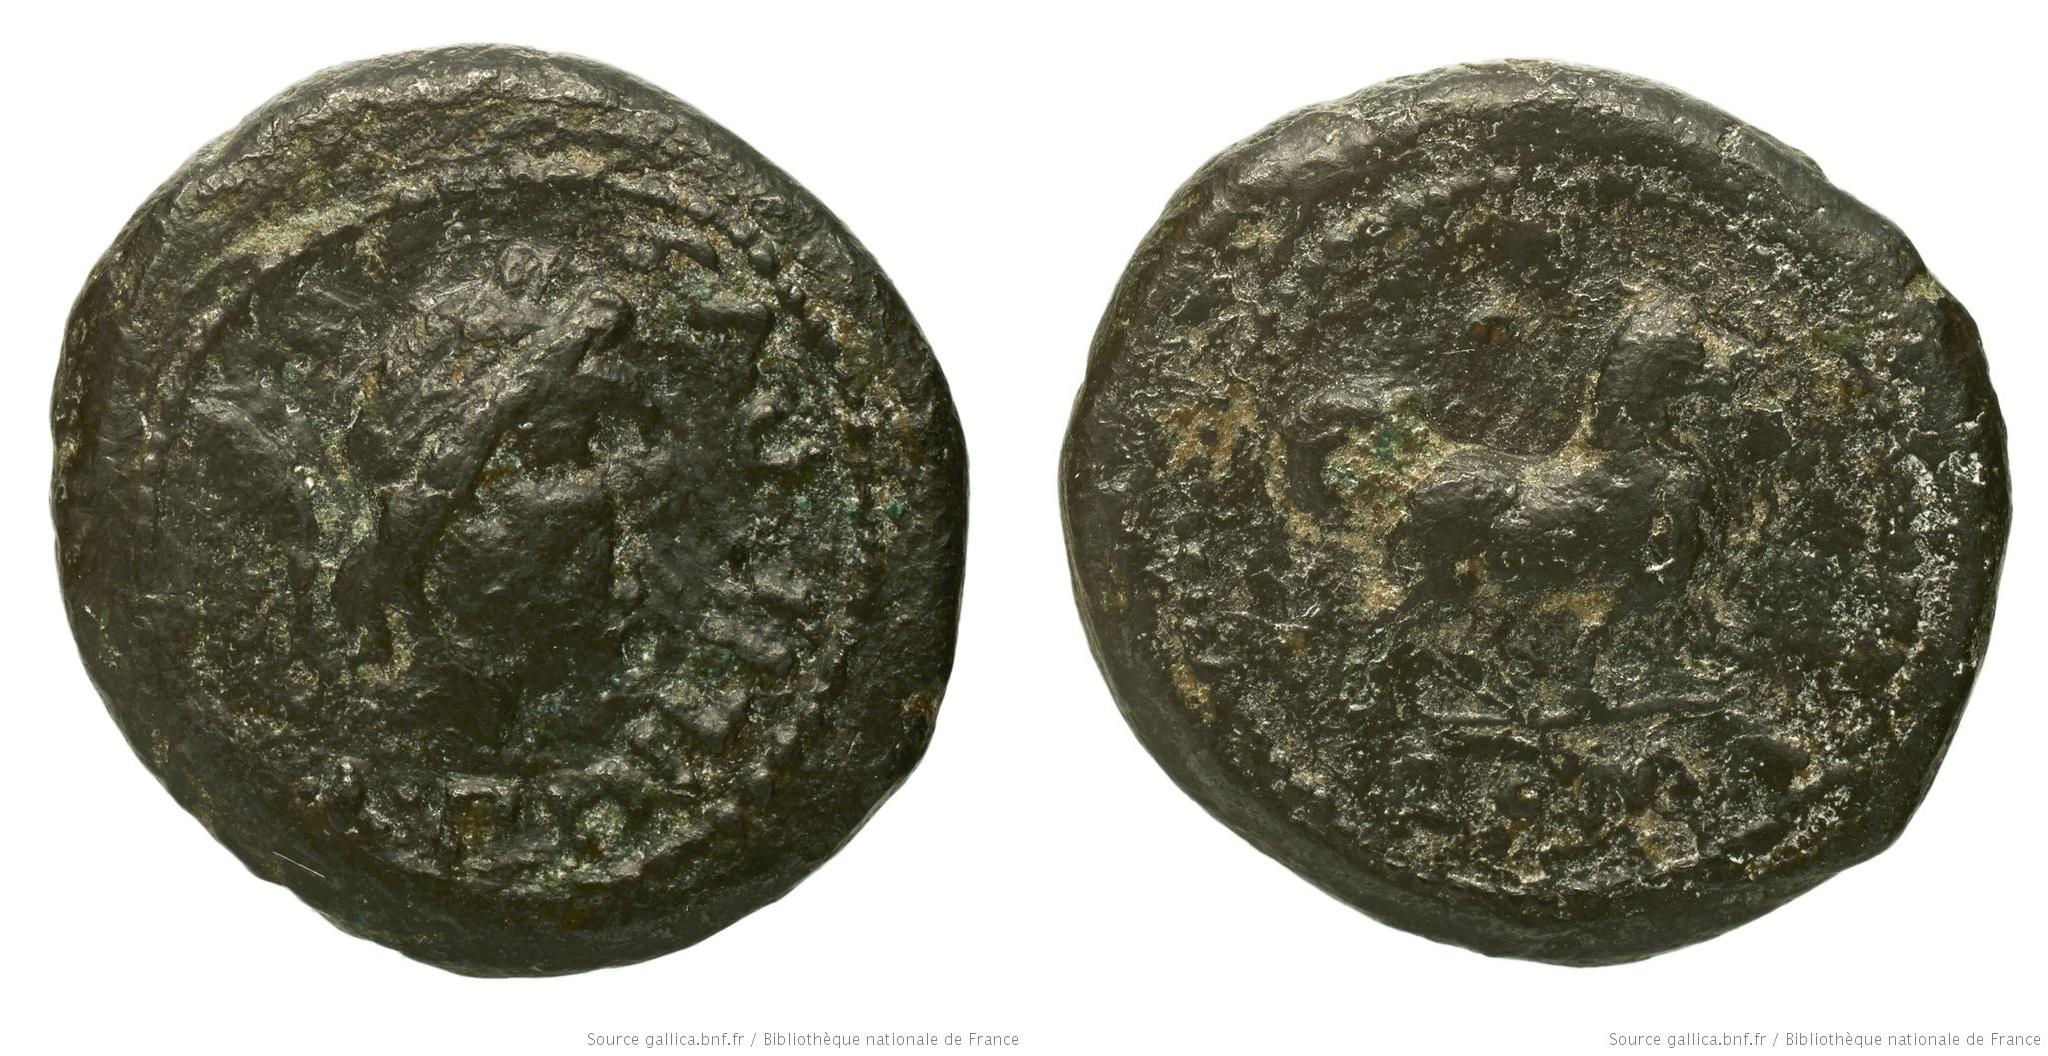 1104MA – Once Marcia – Lucius Marcius Philippus